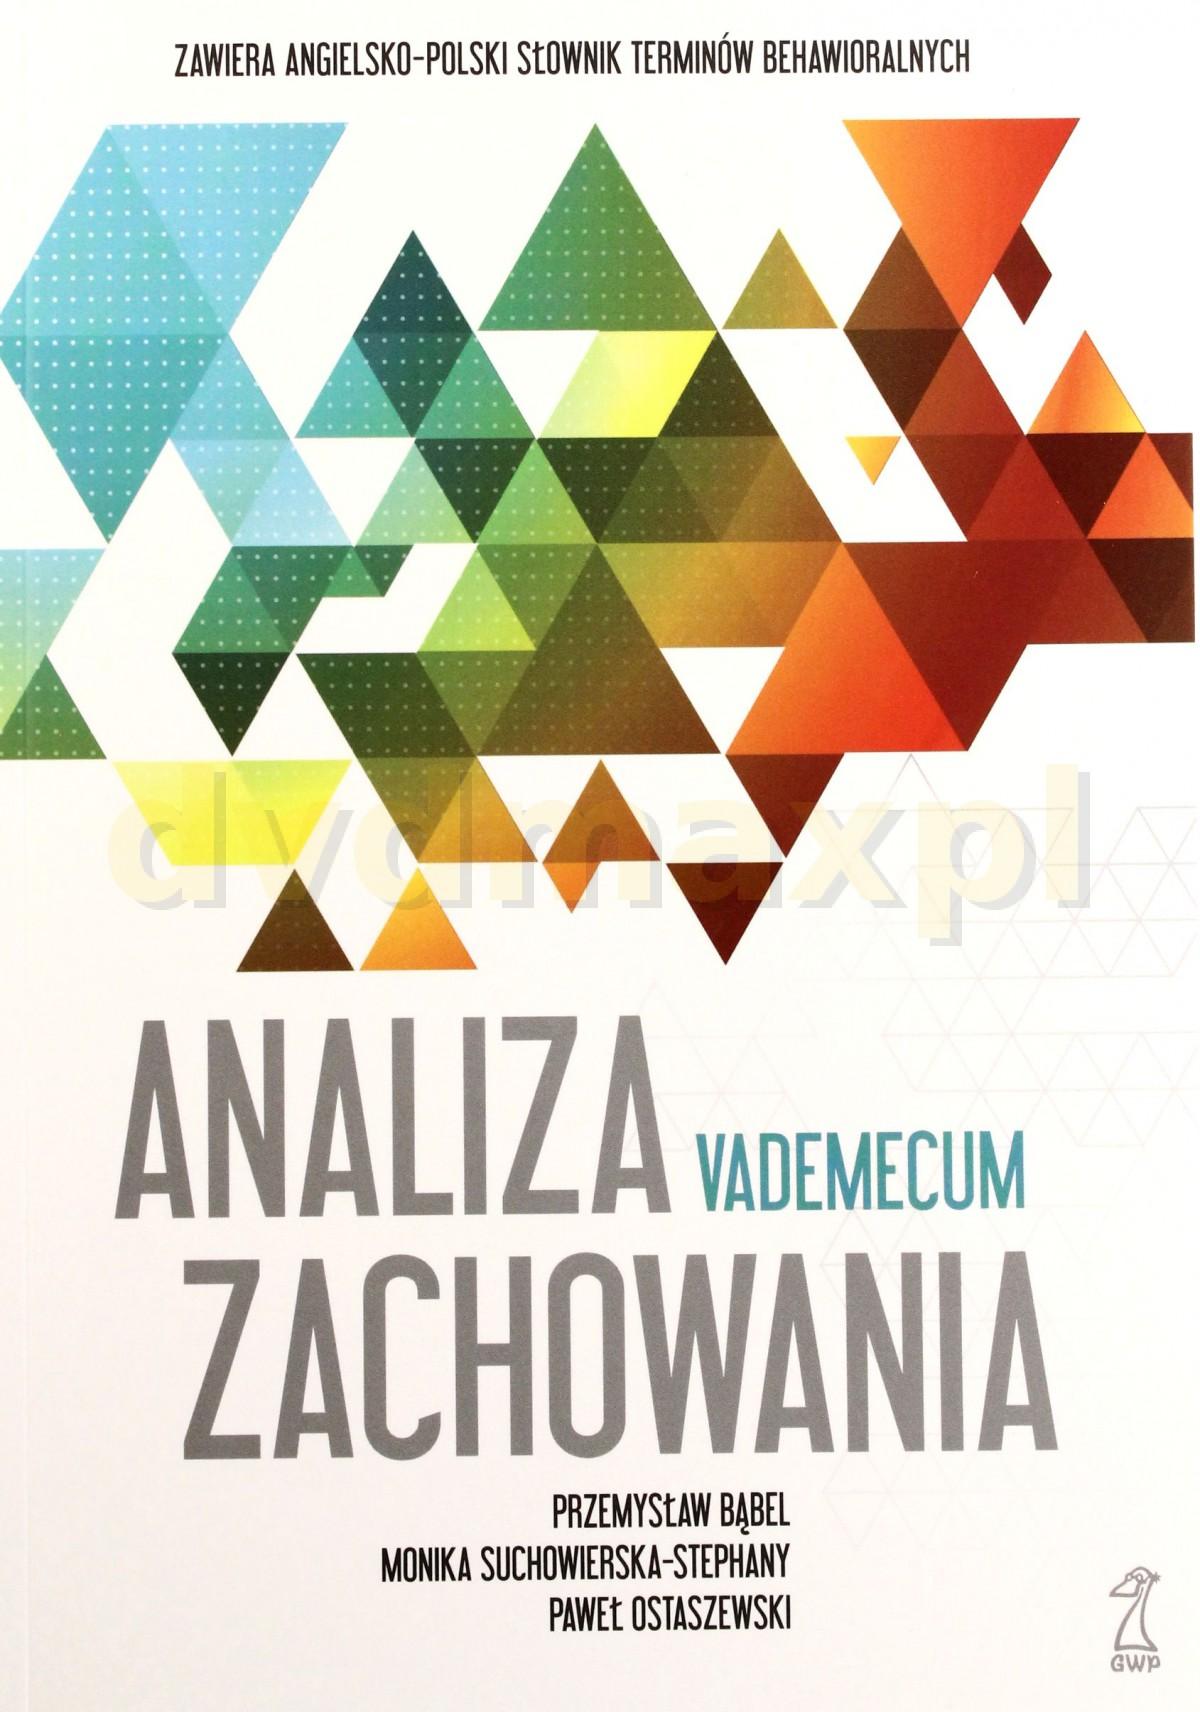 Analiza zachowania. Vademecum - P. Bąbel, P. Ostaszewski, M. Suchowierska [KSIĄŻKA] - P. Bąbel, P. Ostaszewski, M. Suchowierska